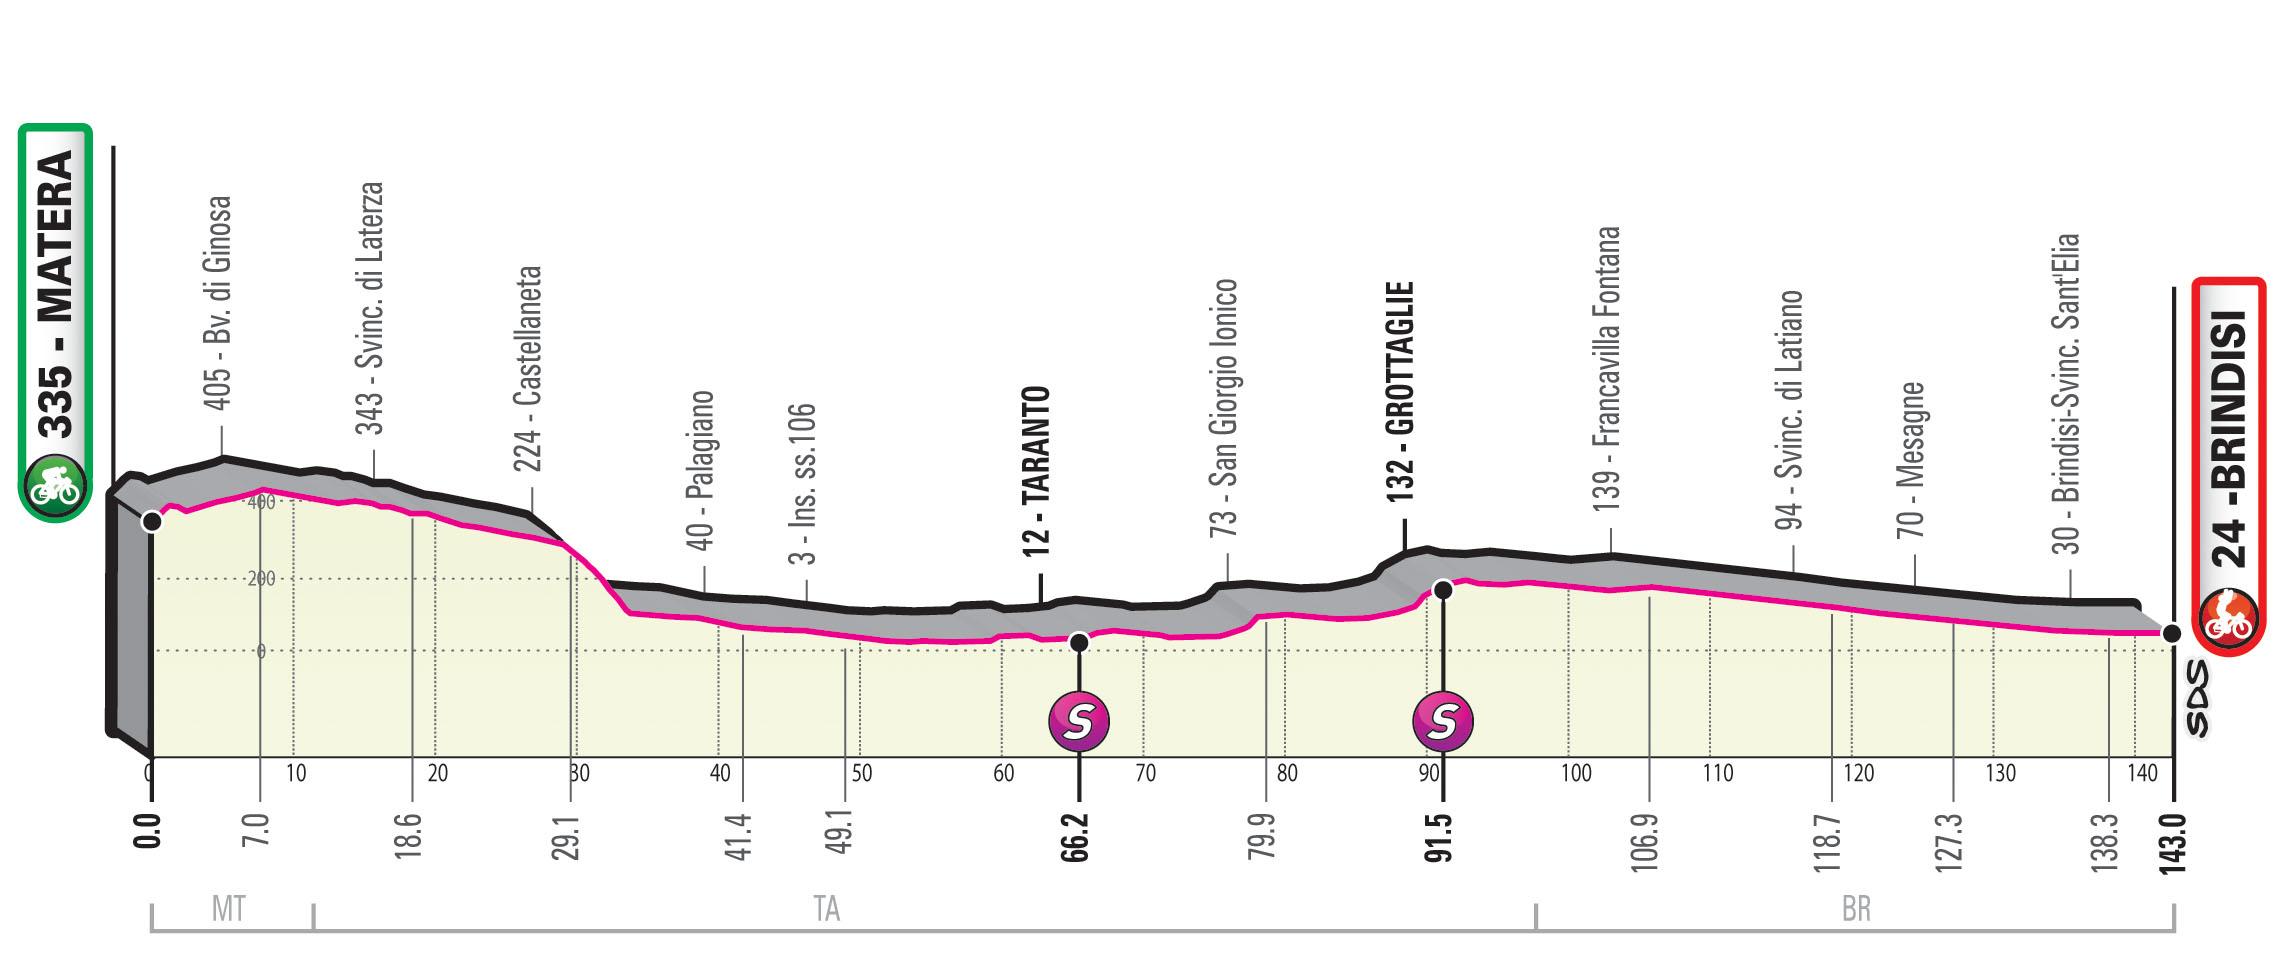 Giro 2020 etappe 7